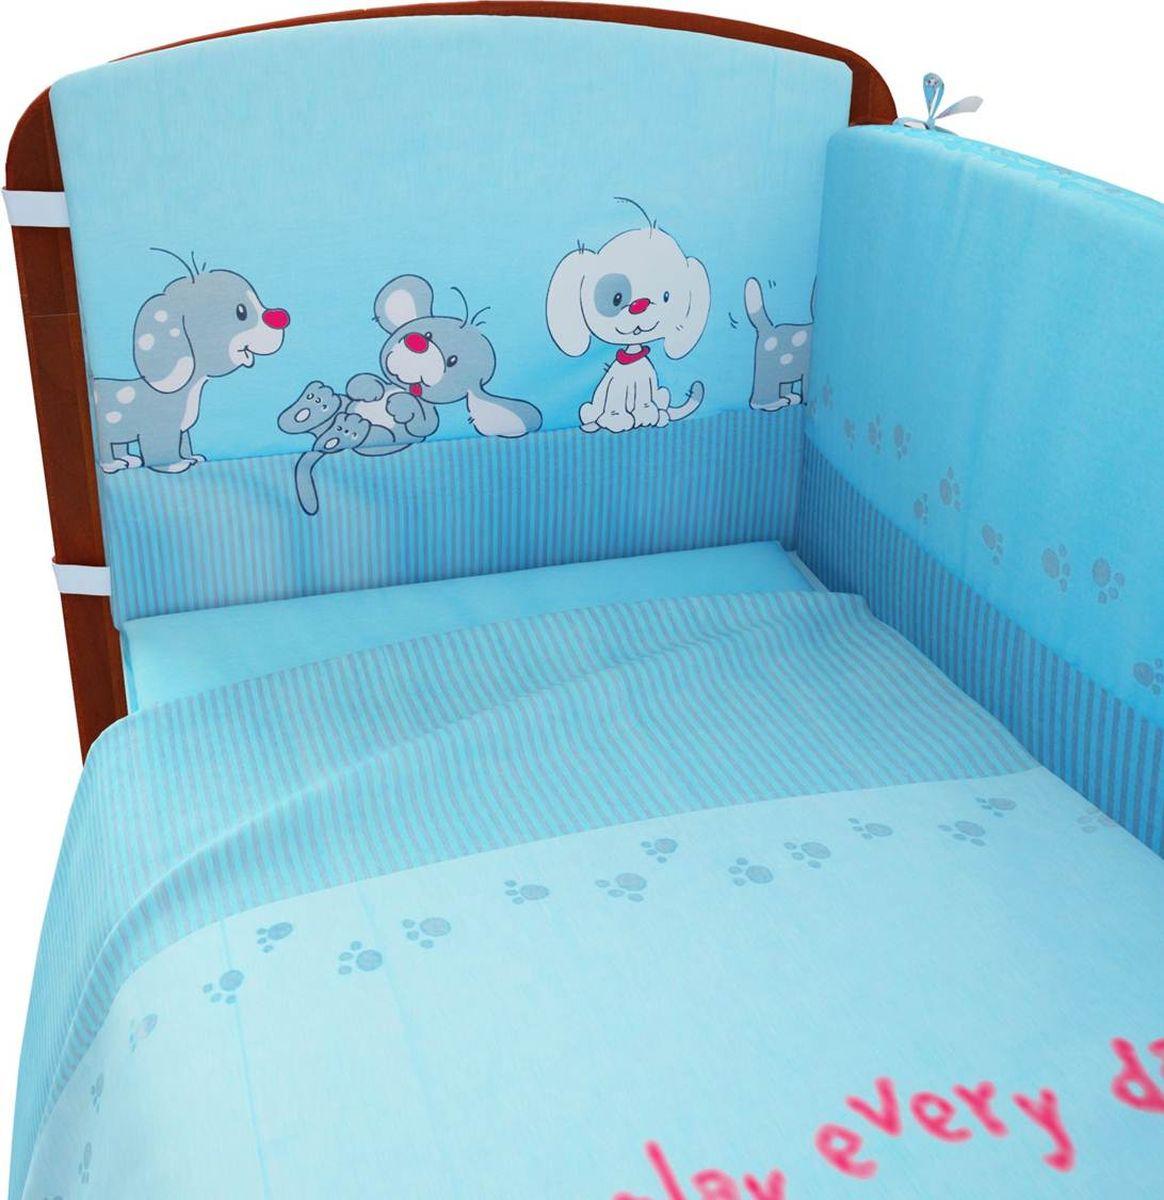 Фея Комплект белья для новорожденных Веселая игра цвет голубой 6 предметов комплект белья для новорожденных фея веселая игра цвет серый 6 предметов